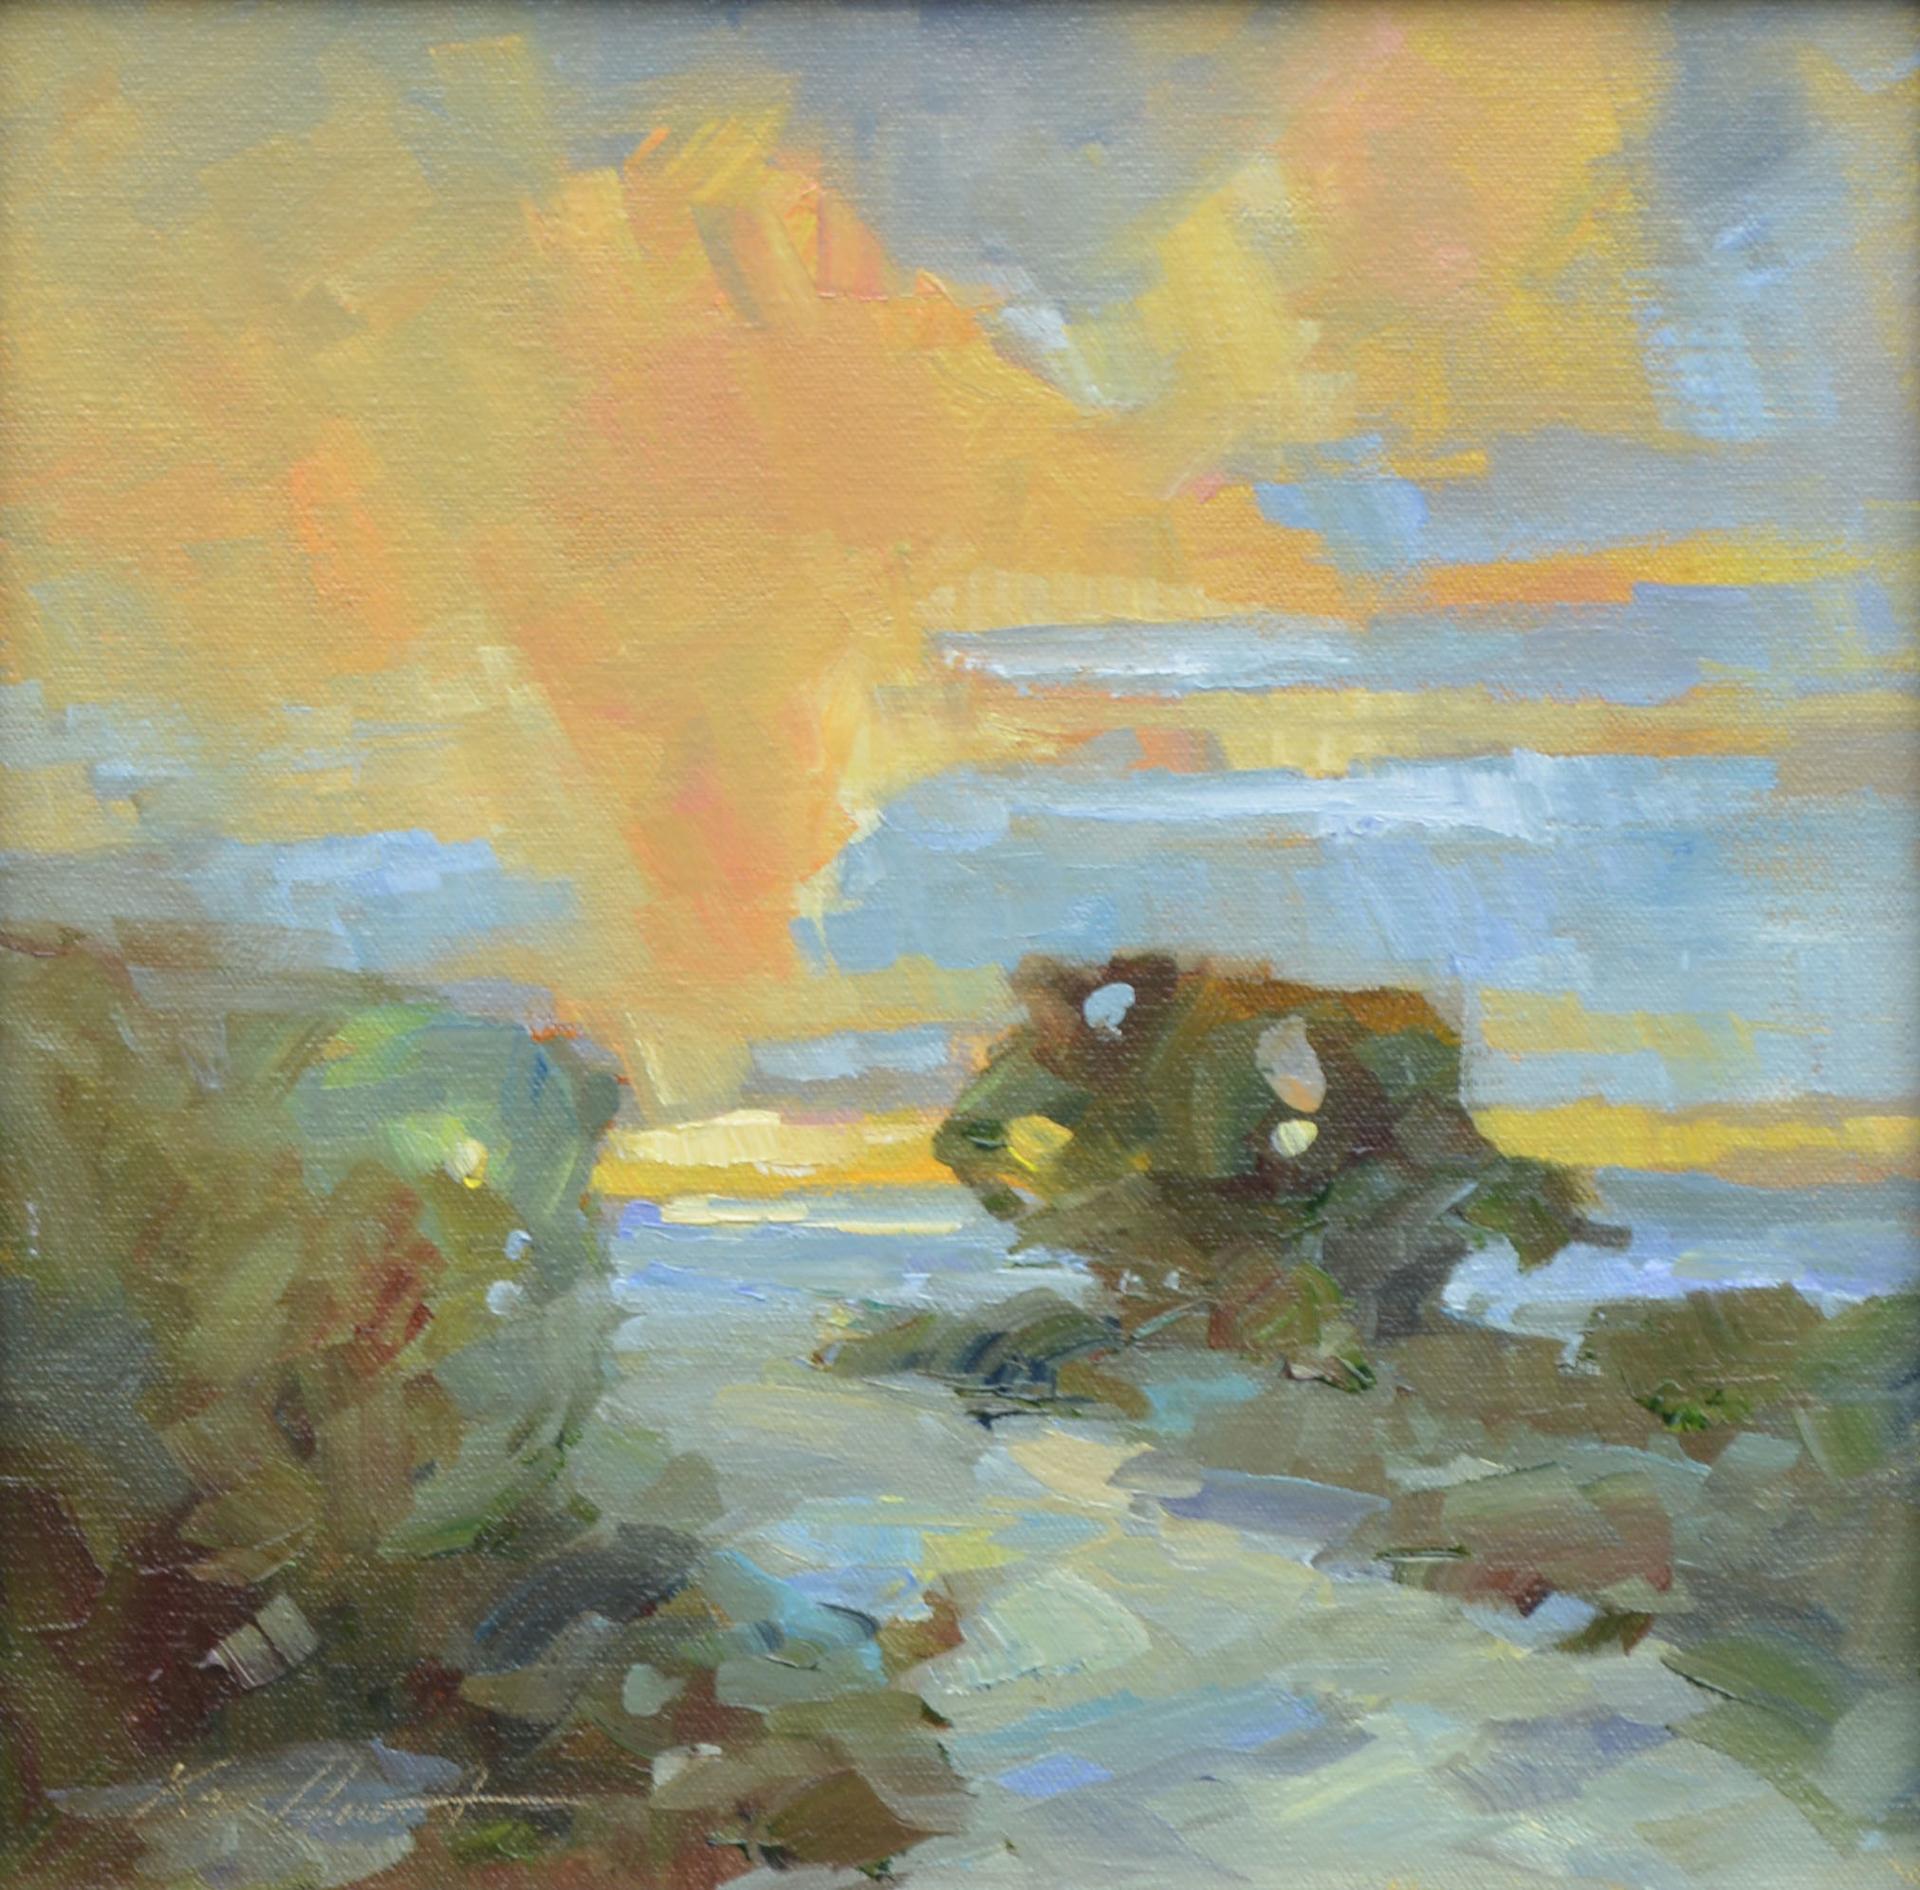 The Path to Evening (Dirt Road Overlooking Clark Sound) by Karen Hewitt Hagan